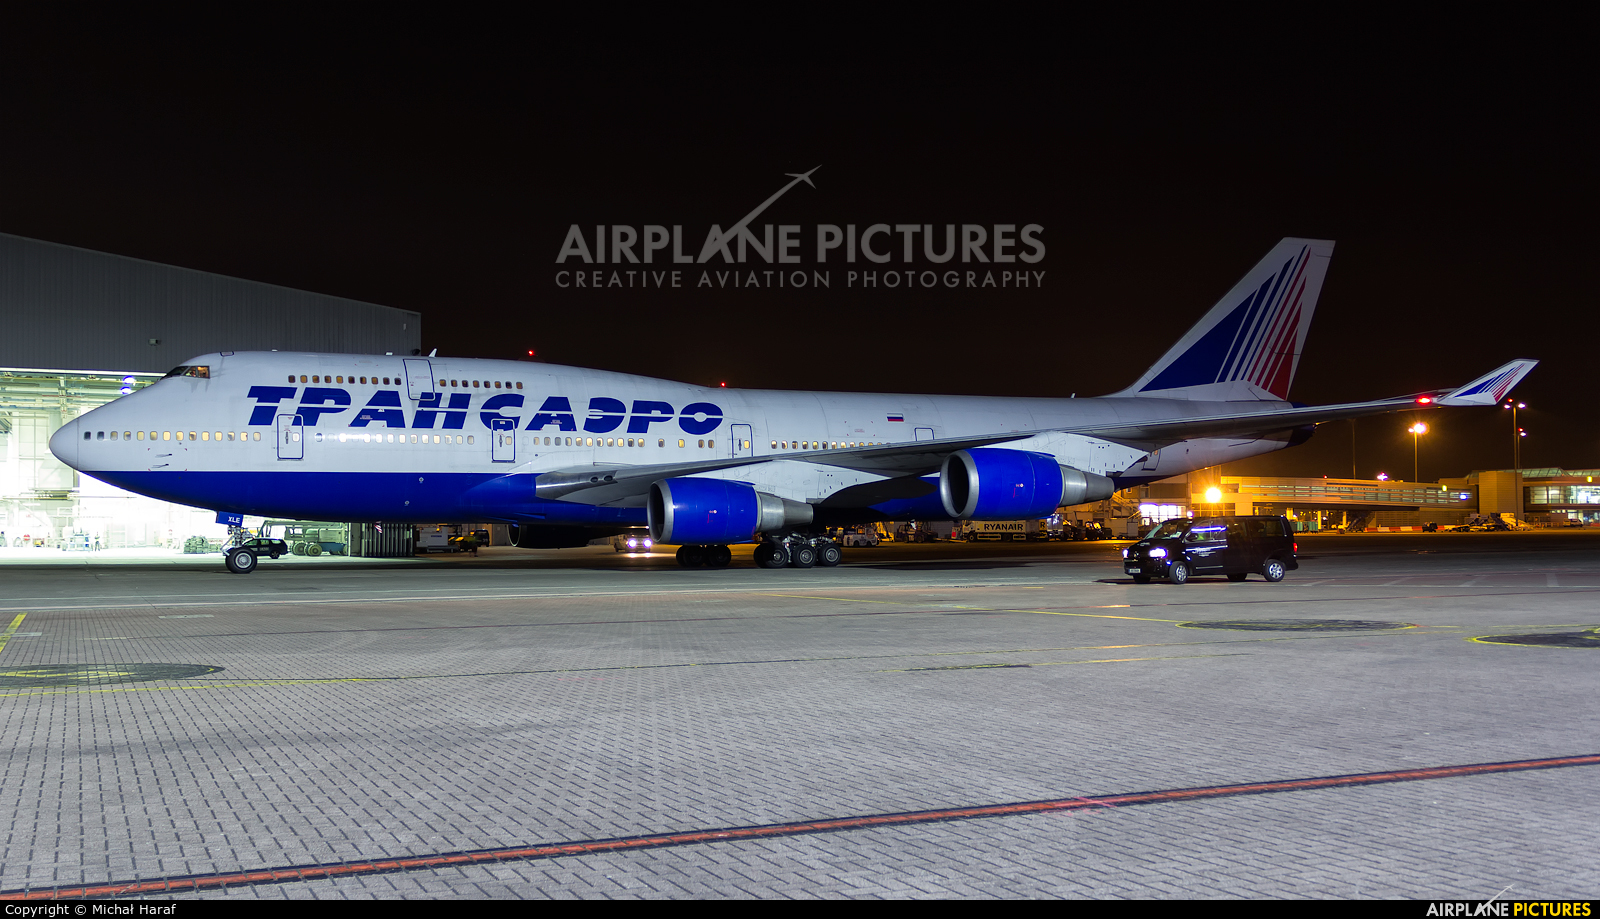 Transaero Airlines EI-XLE aircraft at Dublin